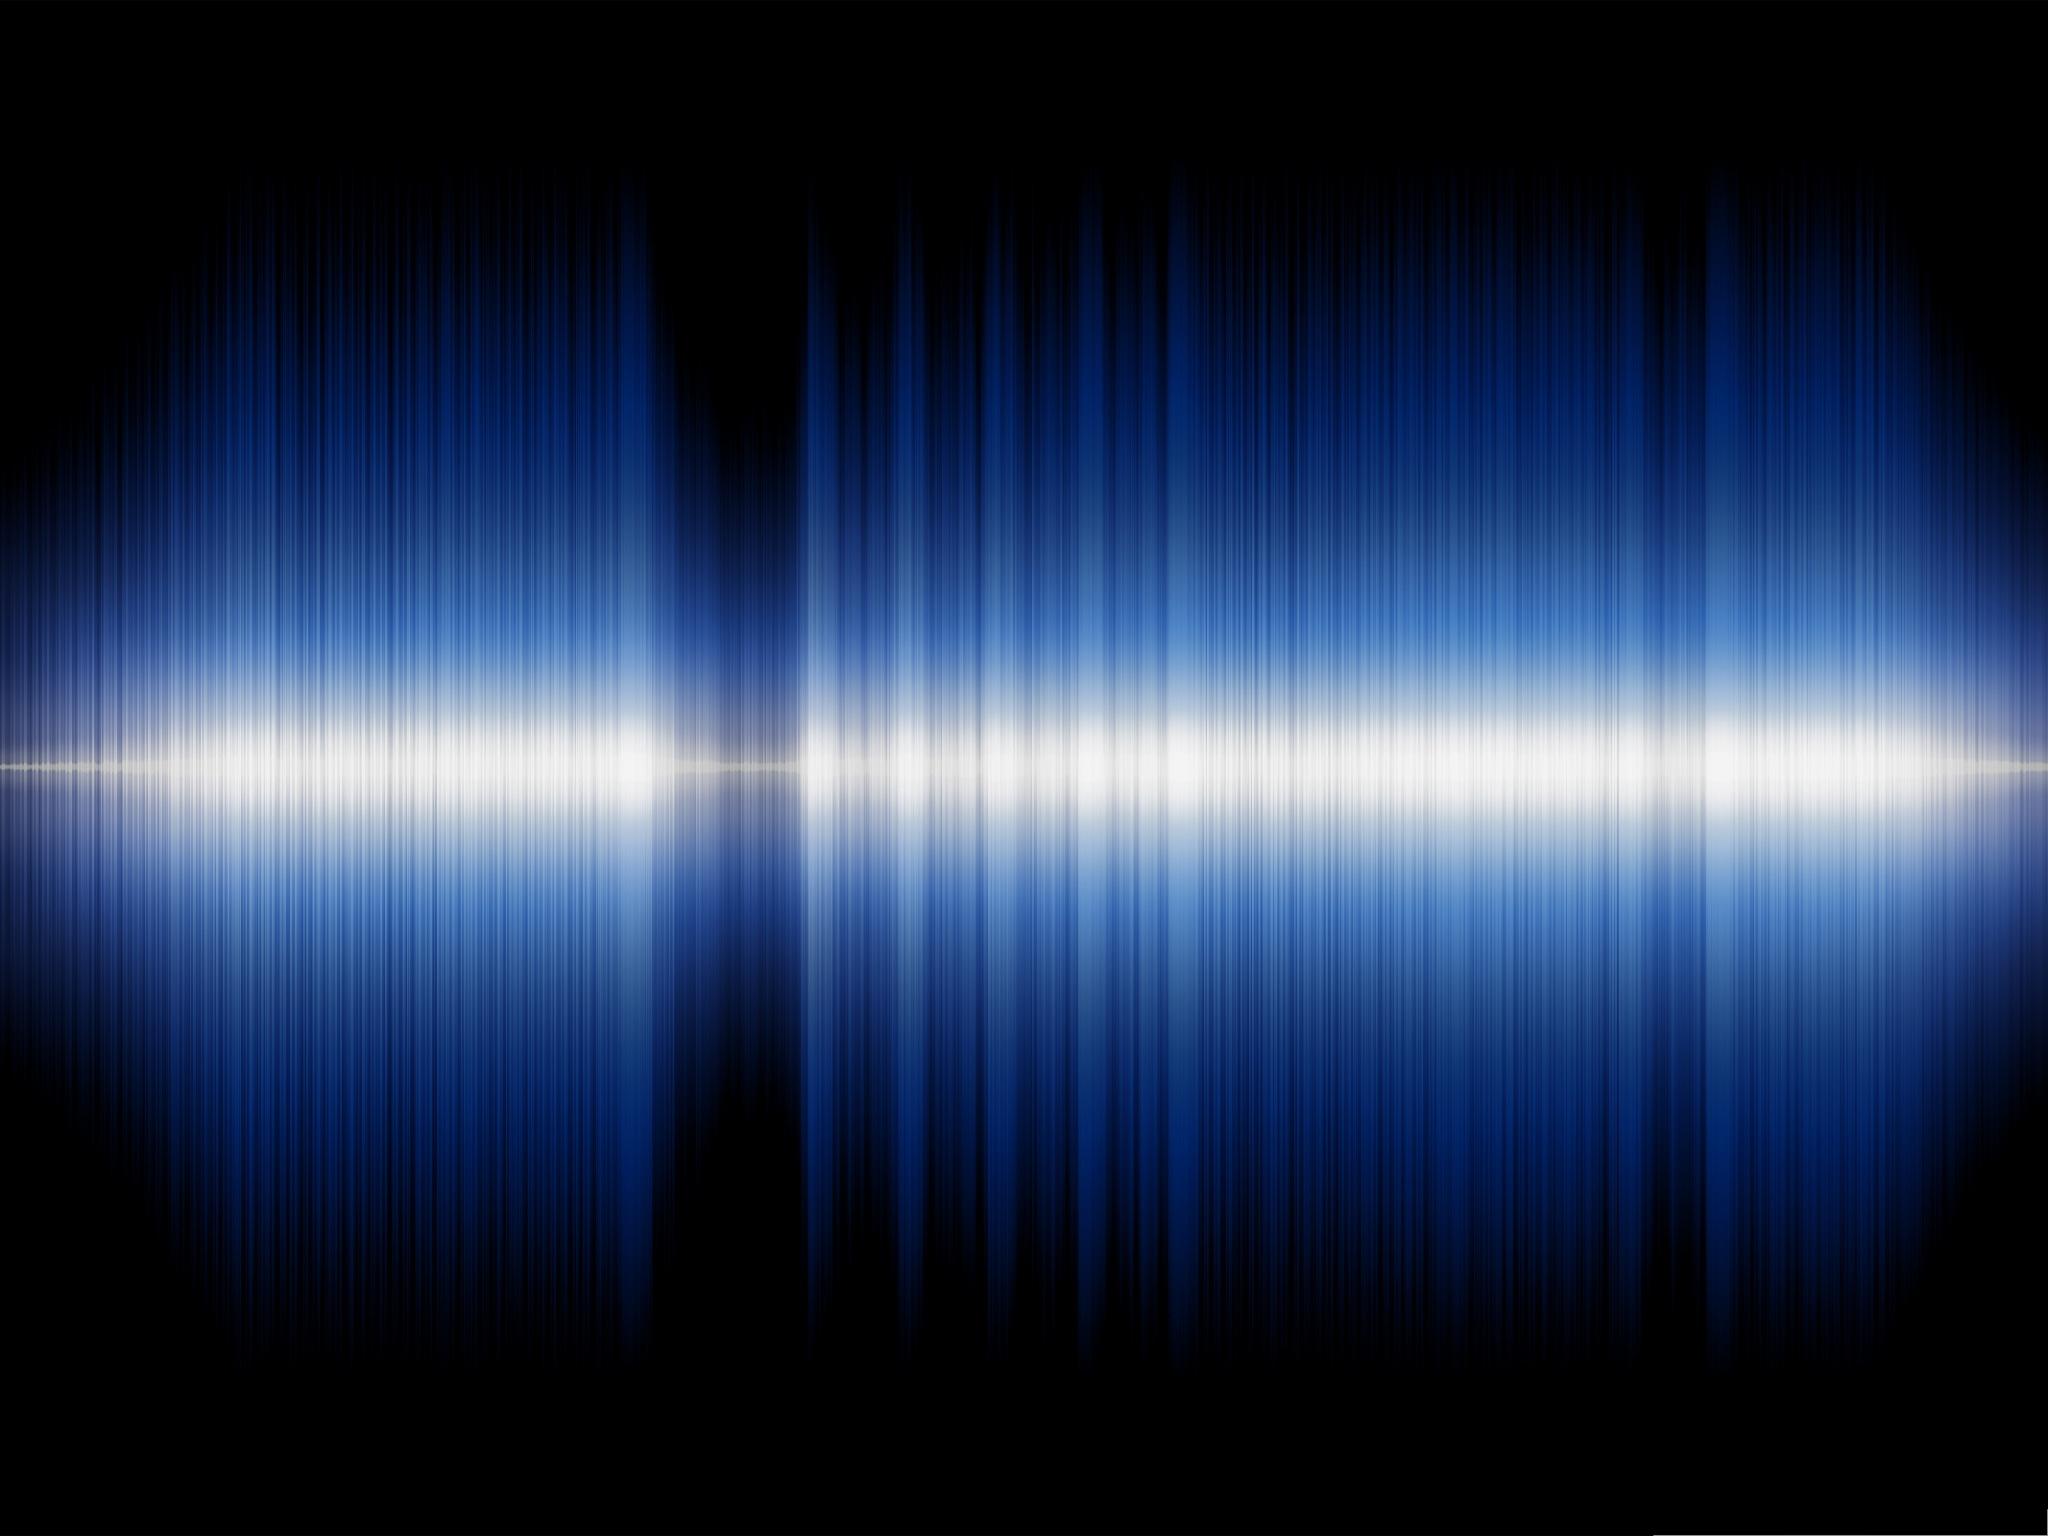 Wallpaper for Computer Audio Sound Wave on Dark Background 2048x1536